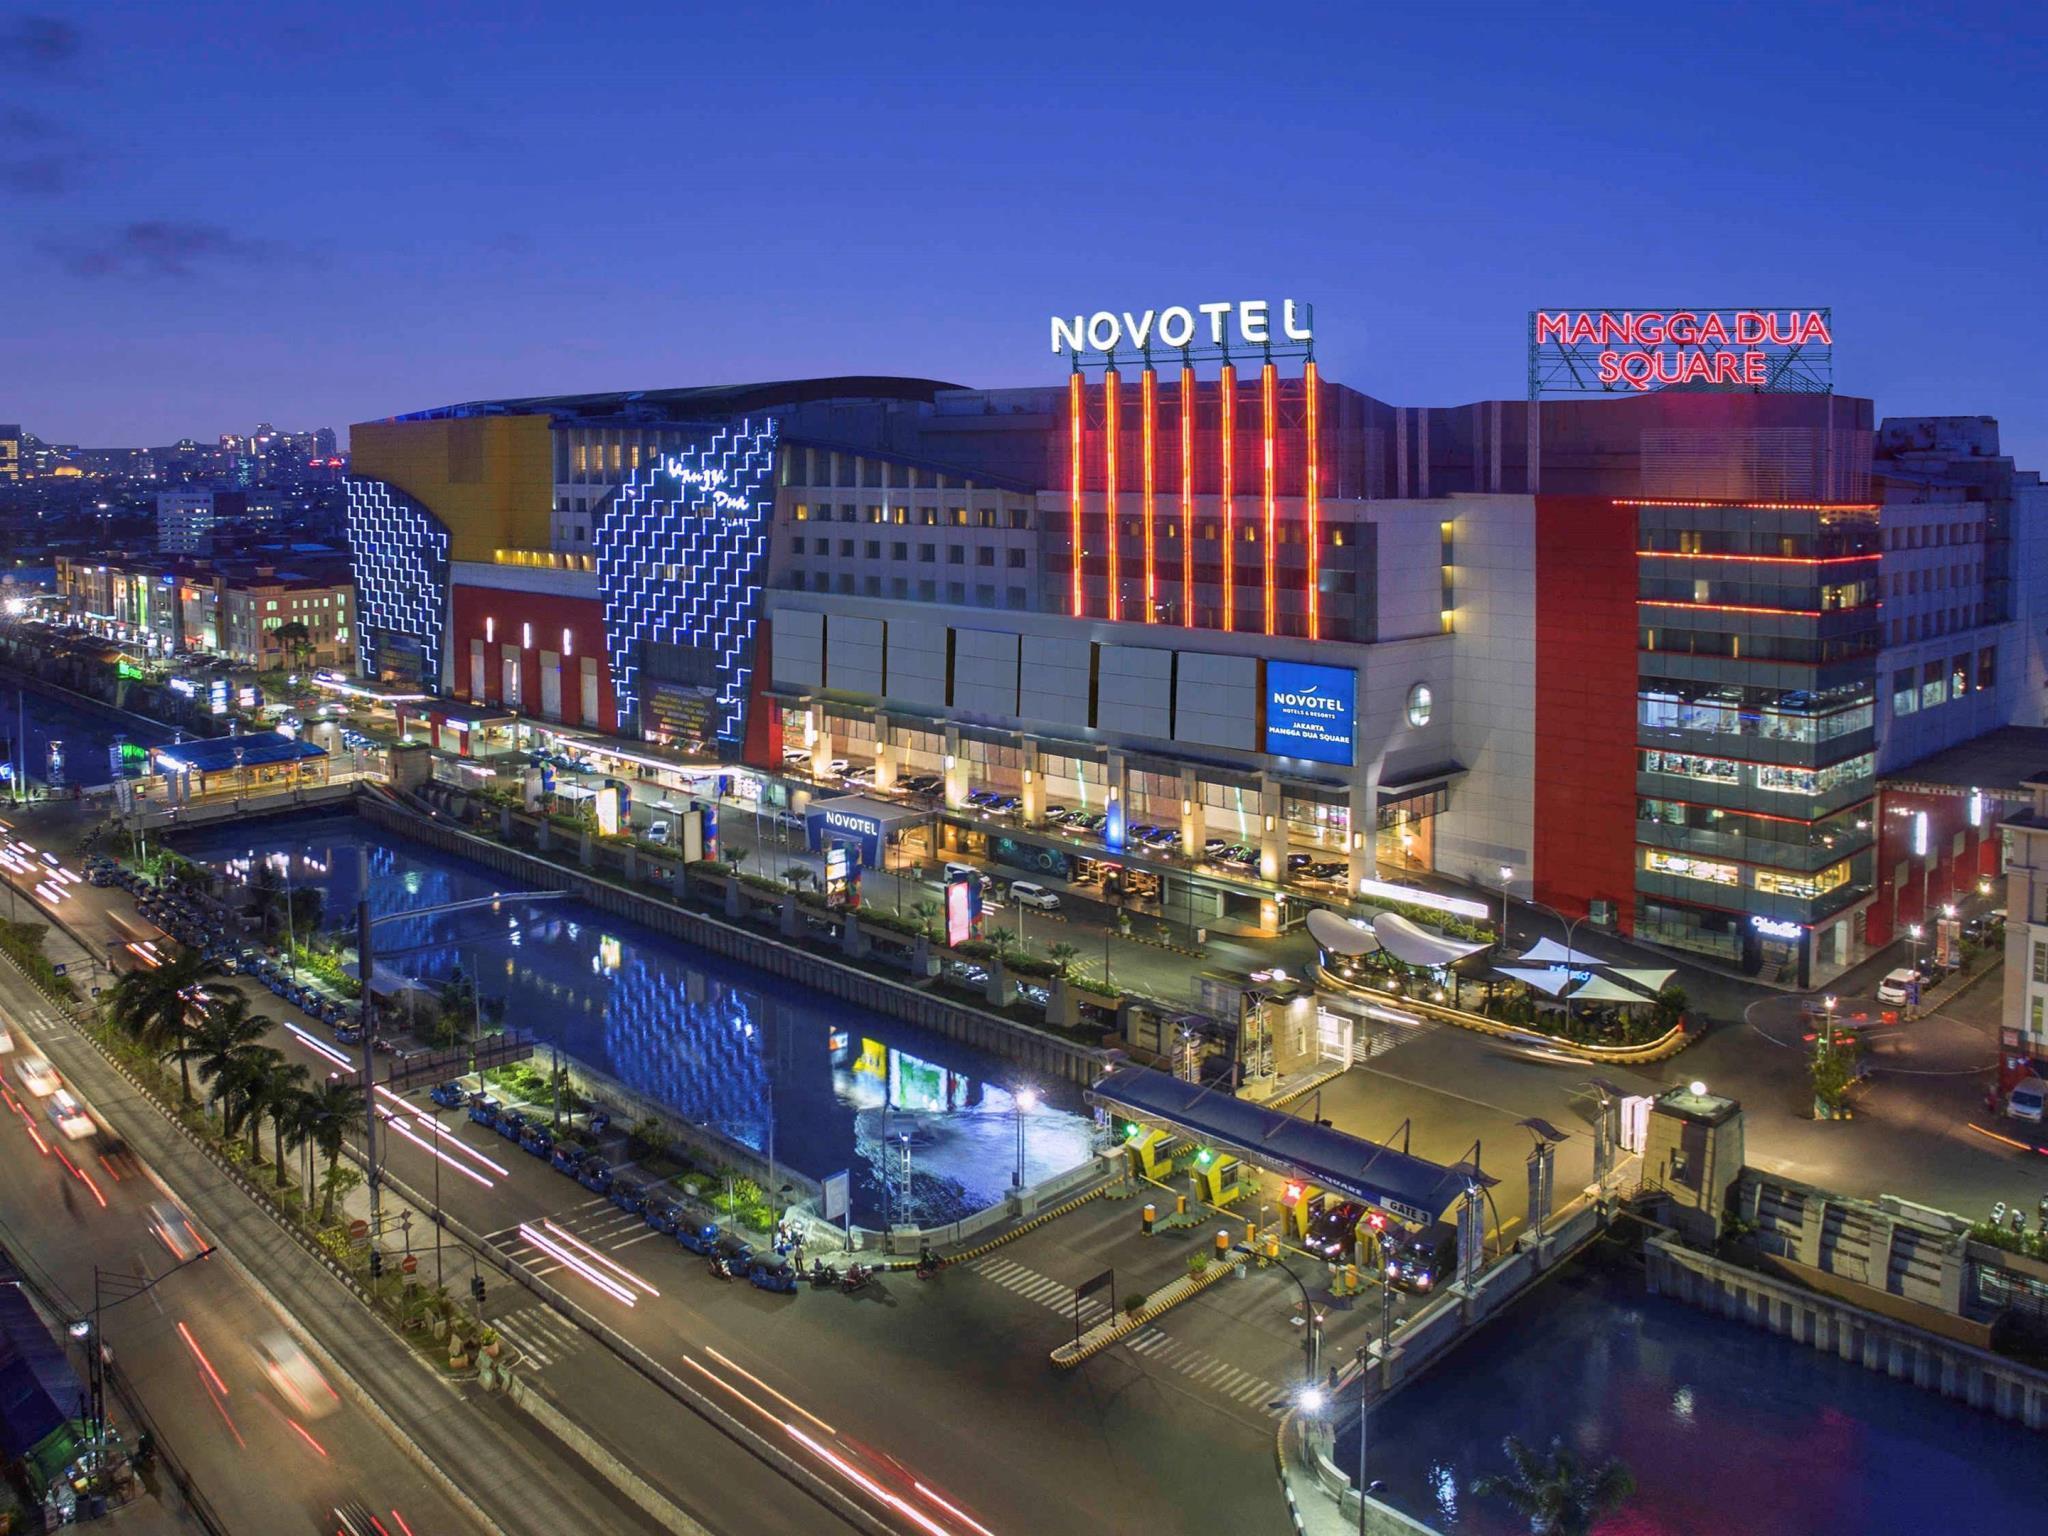 Staycation in Jakarta